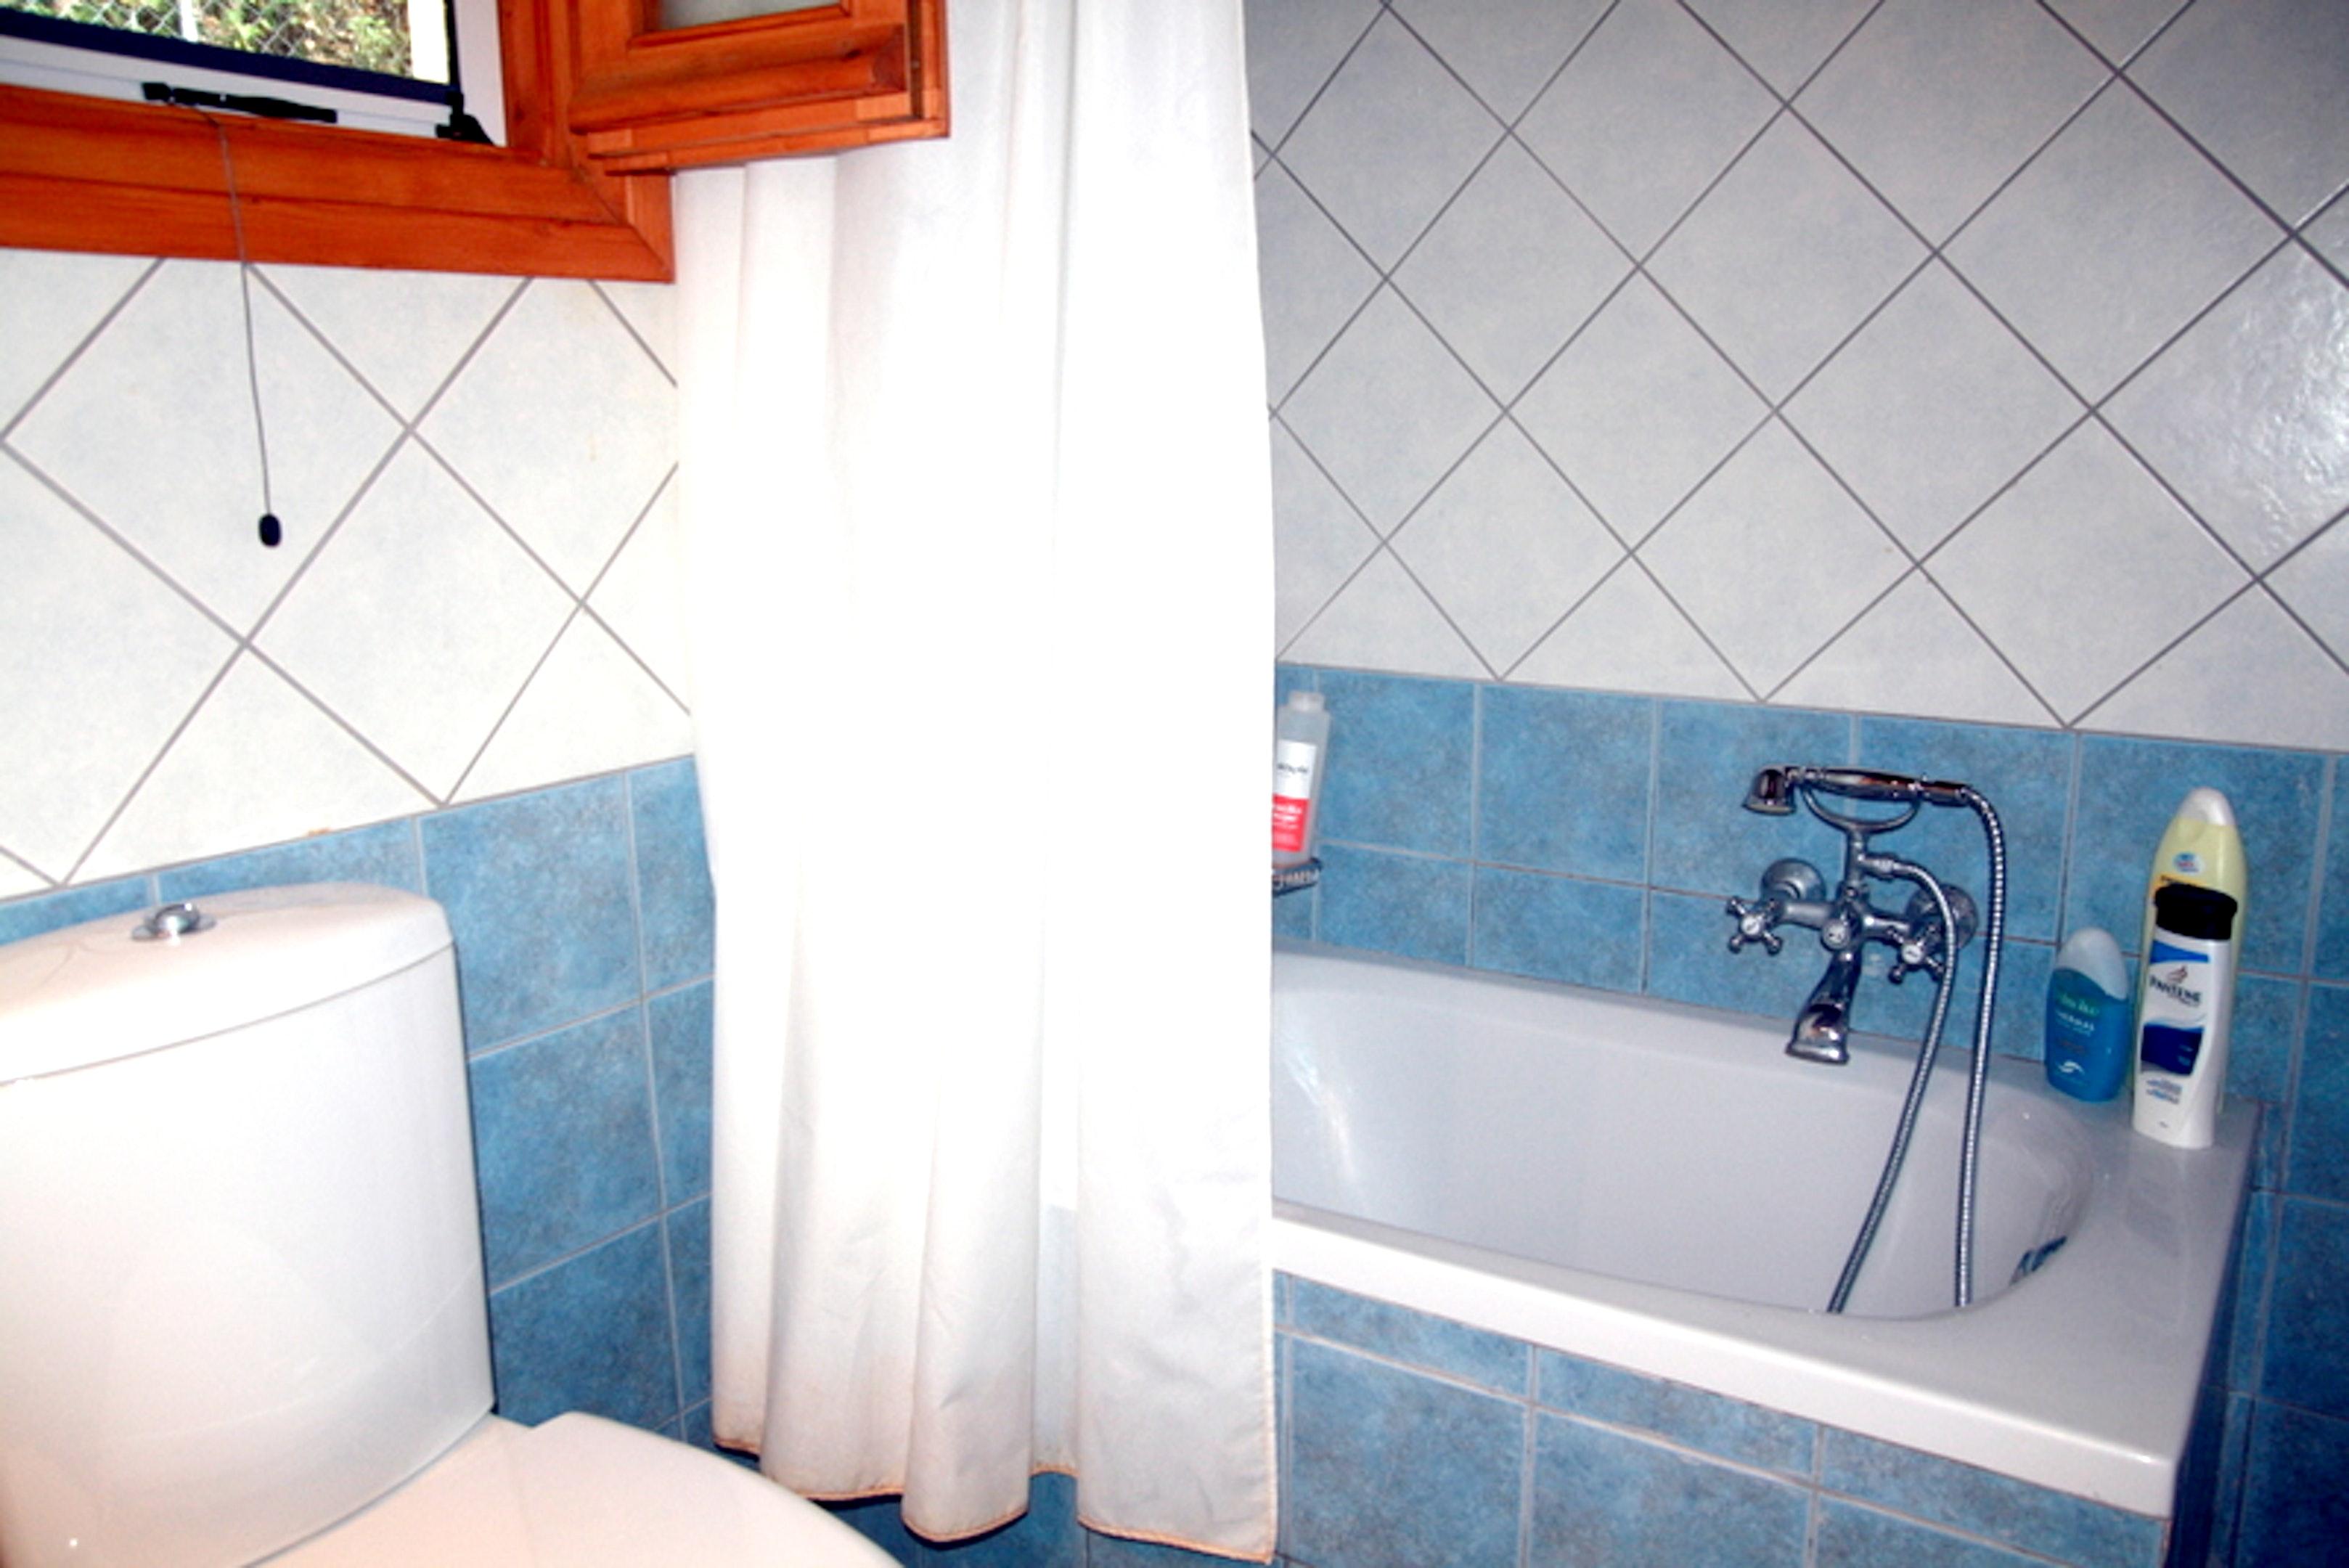 Maison de vacances Haus mit 2 Schlafzimmern in Corfou mit toller Aussicht auf die Berge (2202447), Moraitika, Corfou, Iles Ioniennes, Grèce, image 11